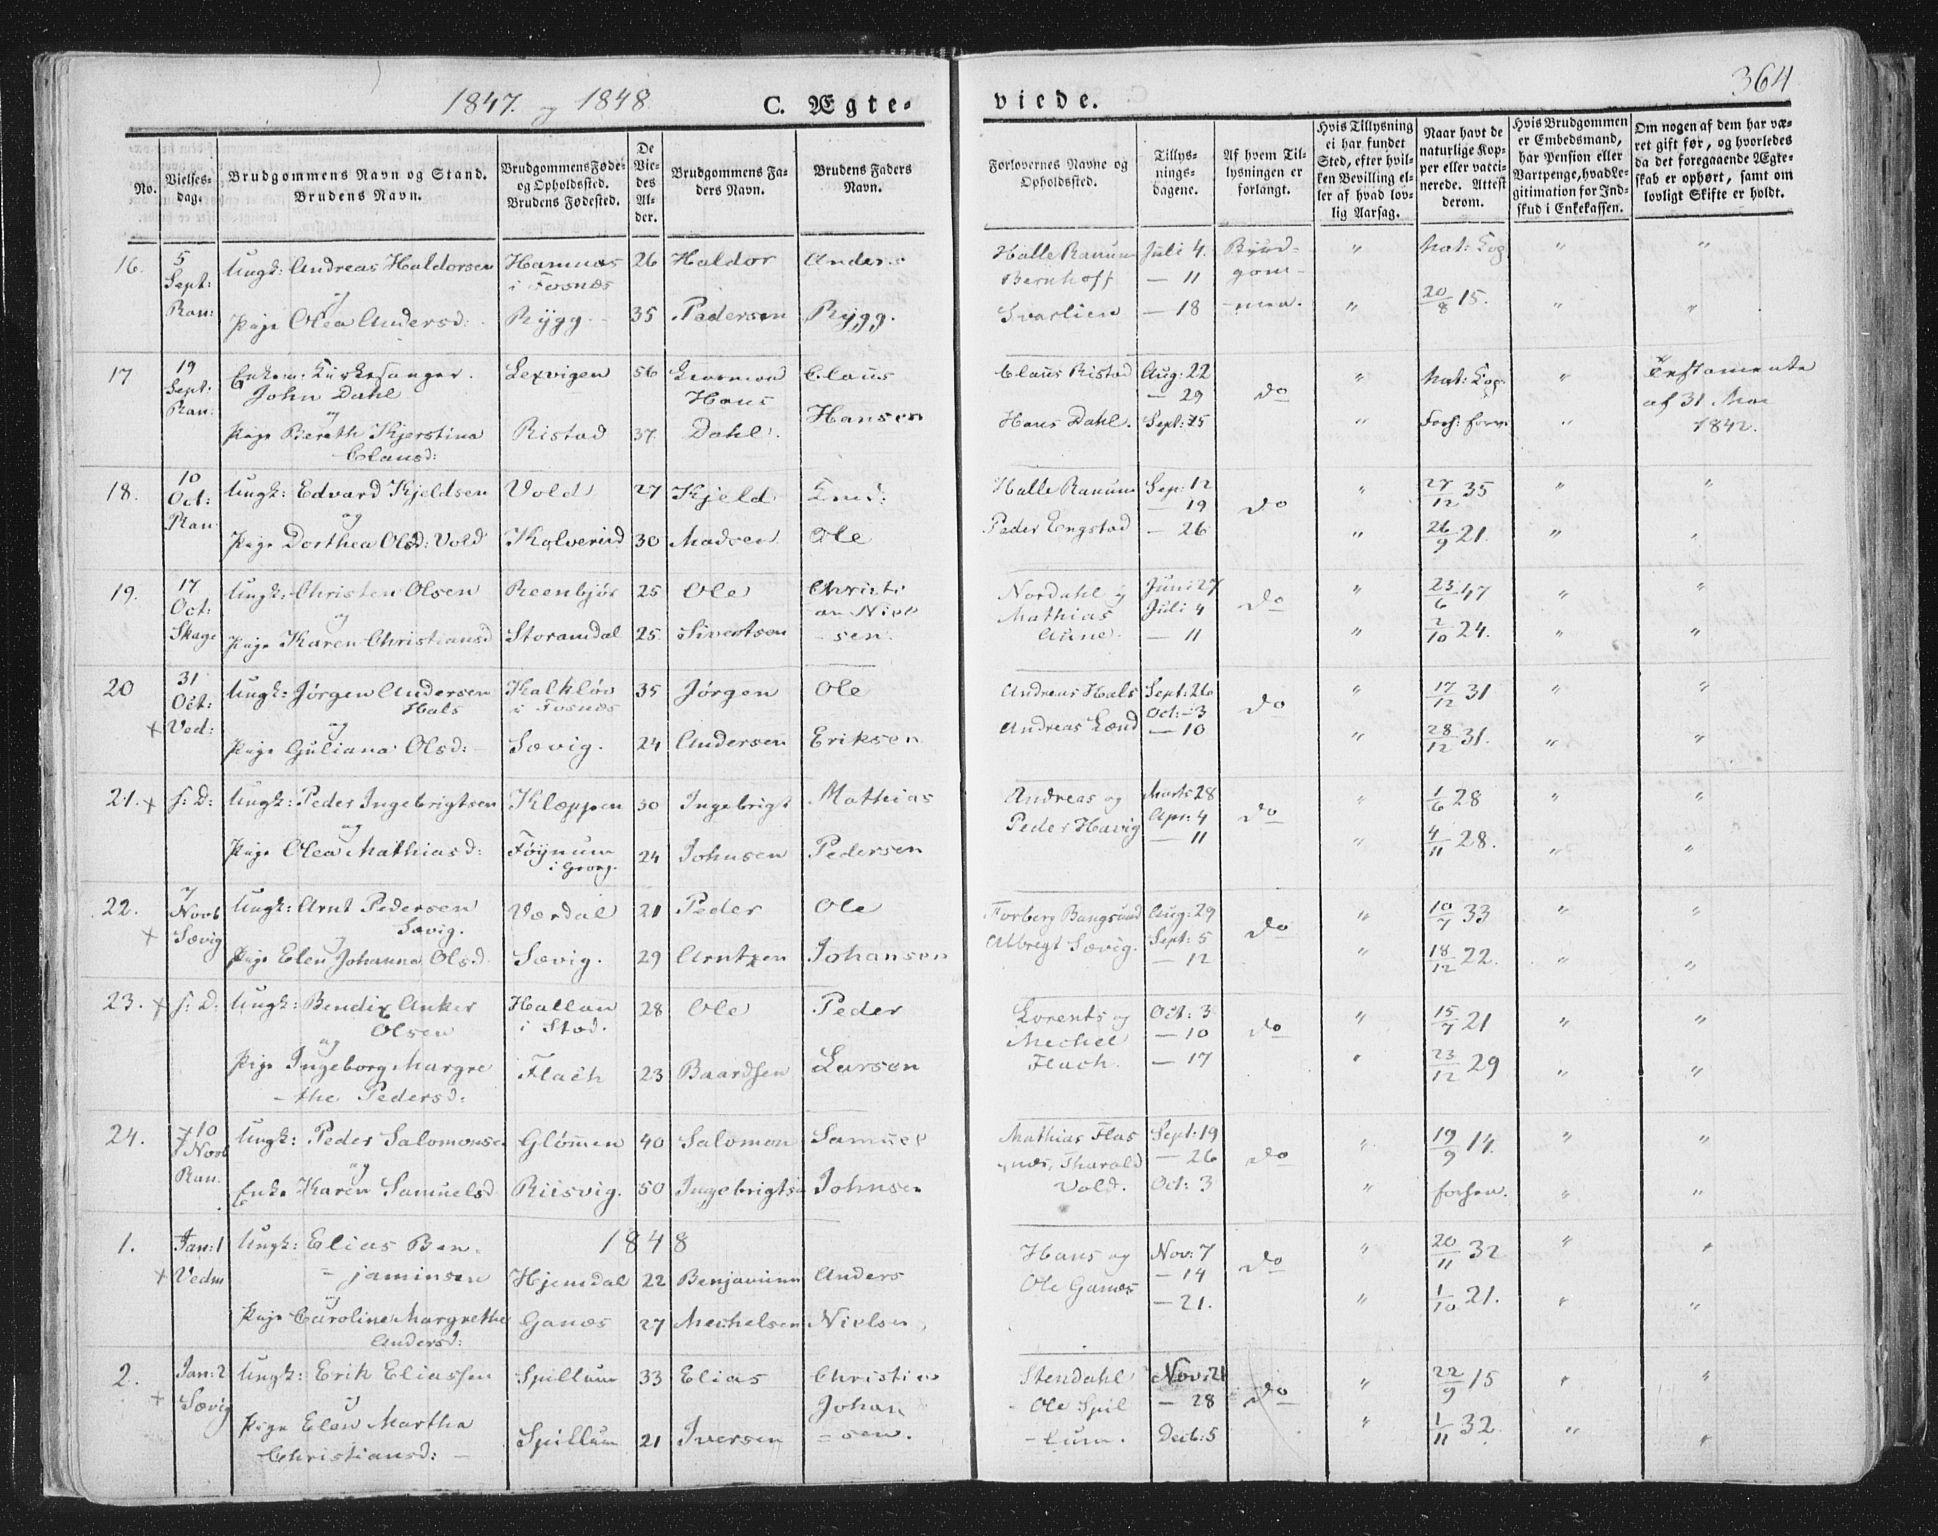 SAT, Ministerialprotokoller, klokkerbøker og fødselsregistre - Nord-Trøndelag, 764/L0552: Ministerialbok nr. 764A07b, 1824-1865, s. 364